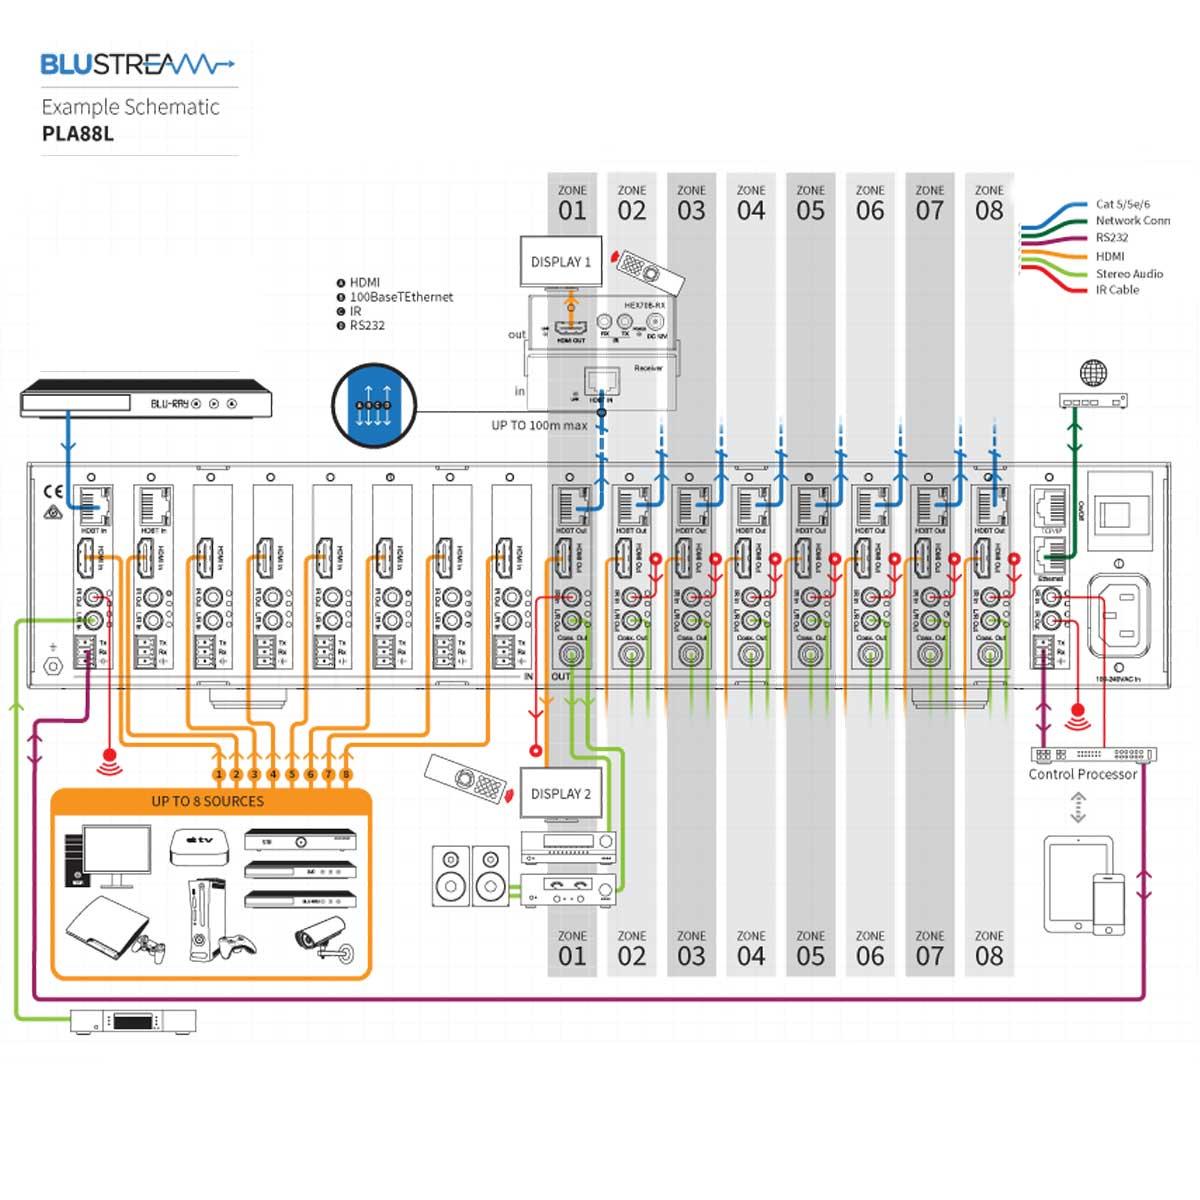 Schematics for PLA-88L